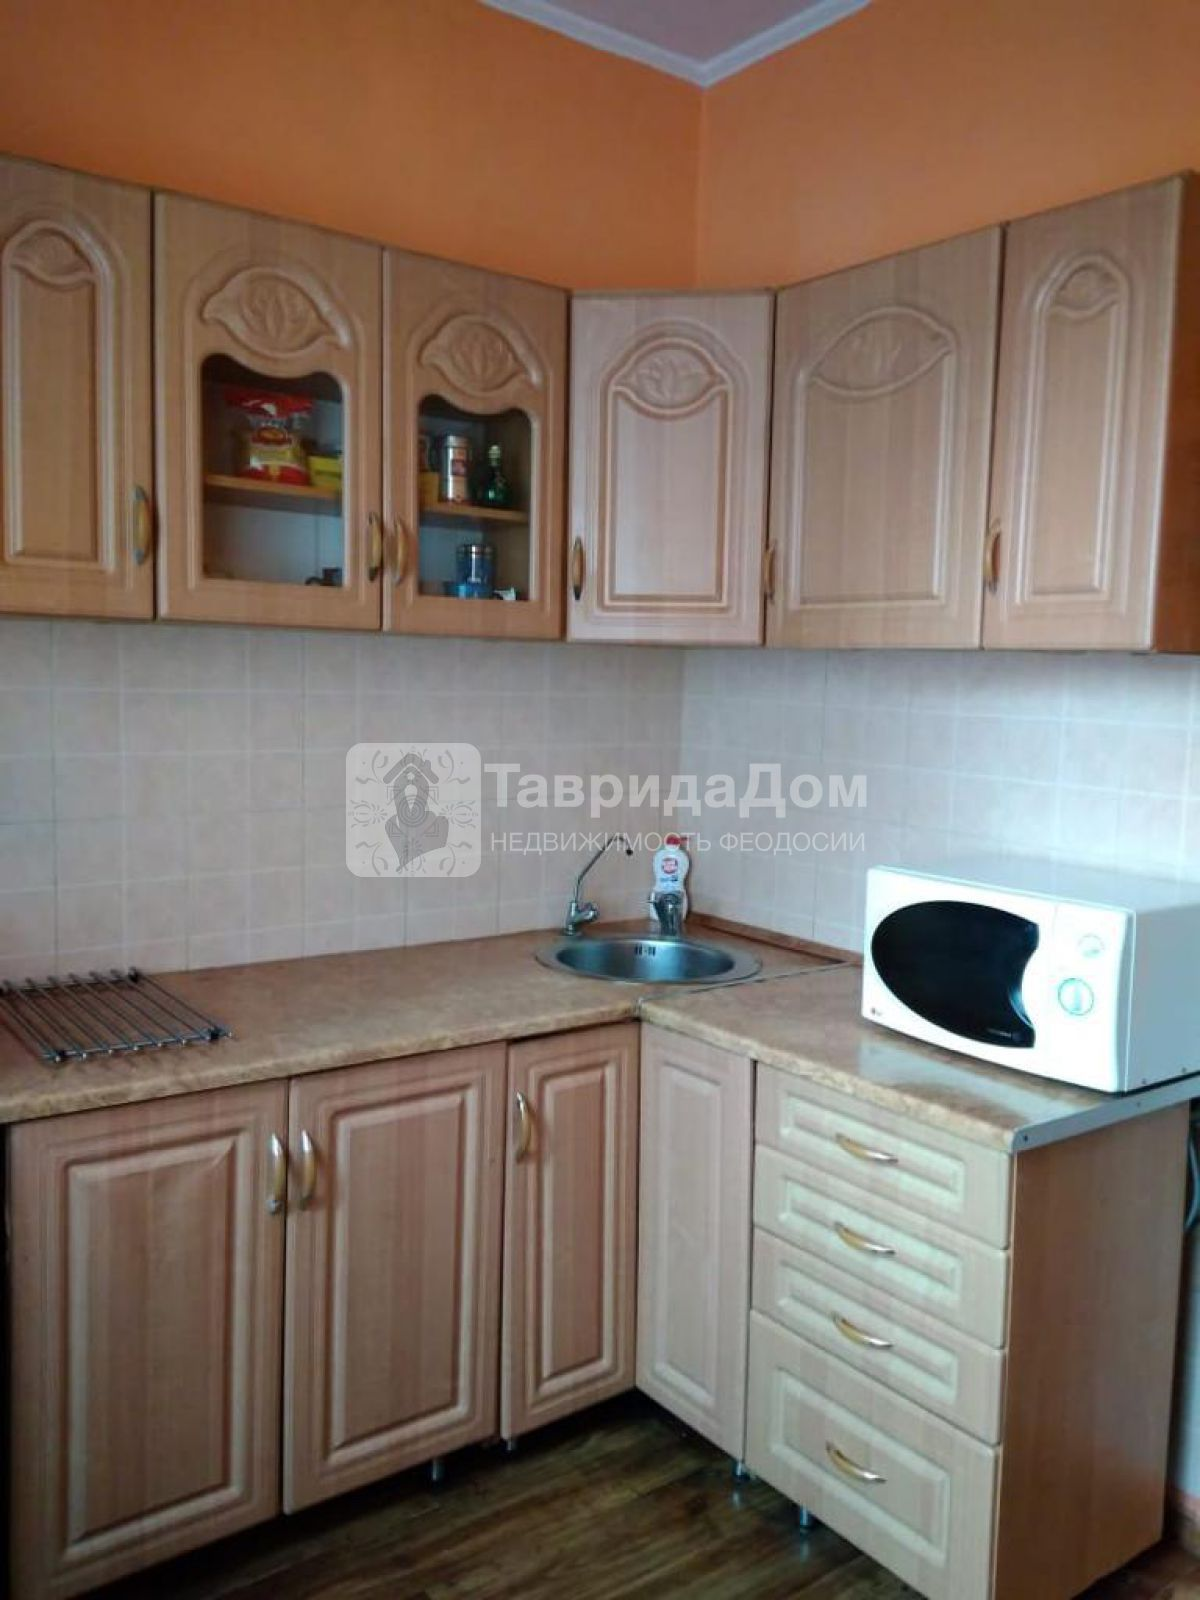 Квартира на продажу по адресу Россия, Крым Респ, Феодосия, Дружбы ул, 42а